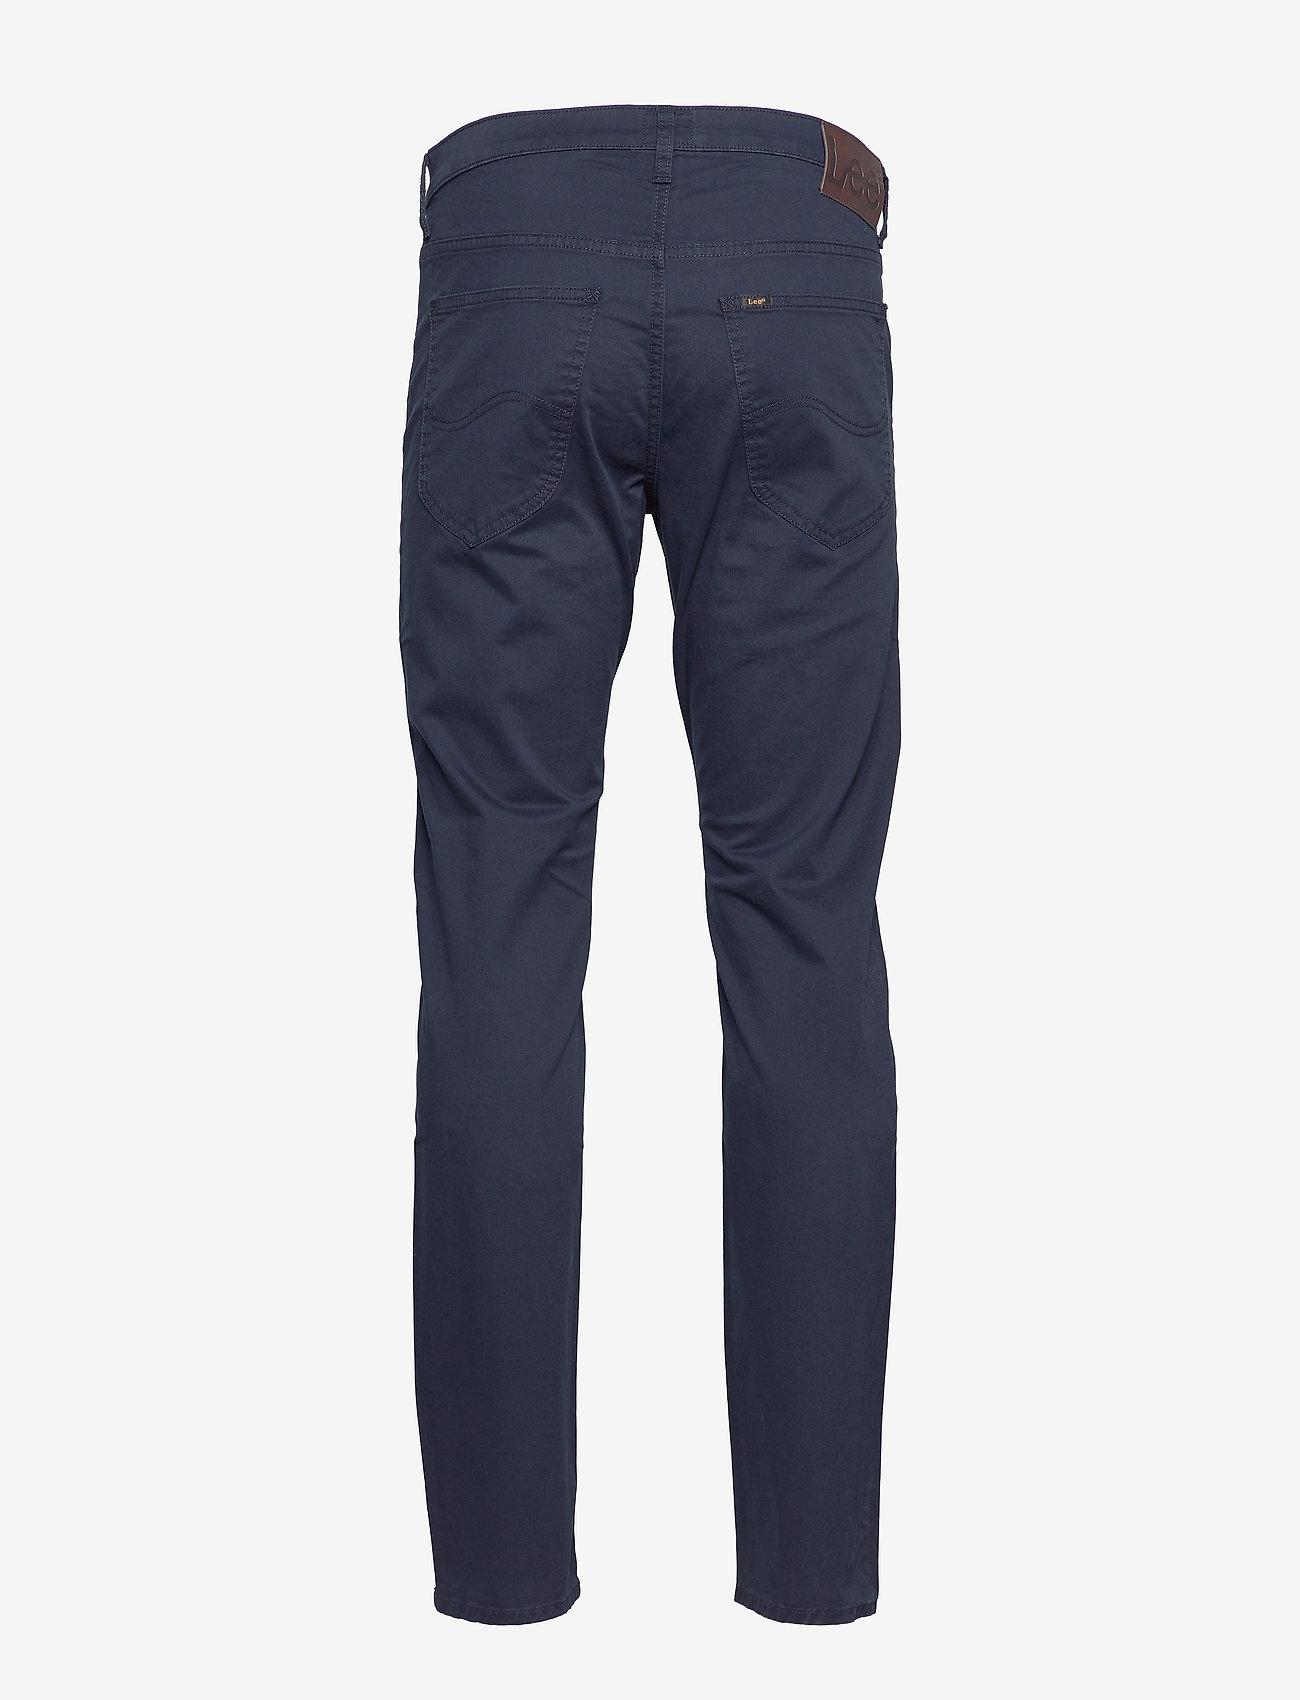 Lee Jeans - DAREN ZIP FLY - chinos - dark navy - 1